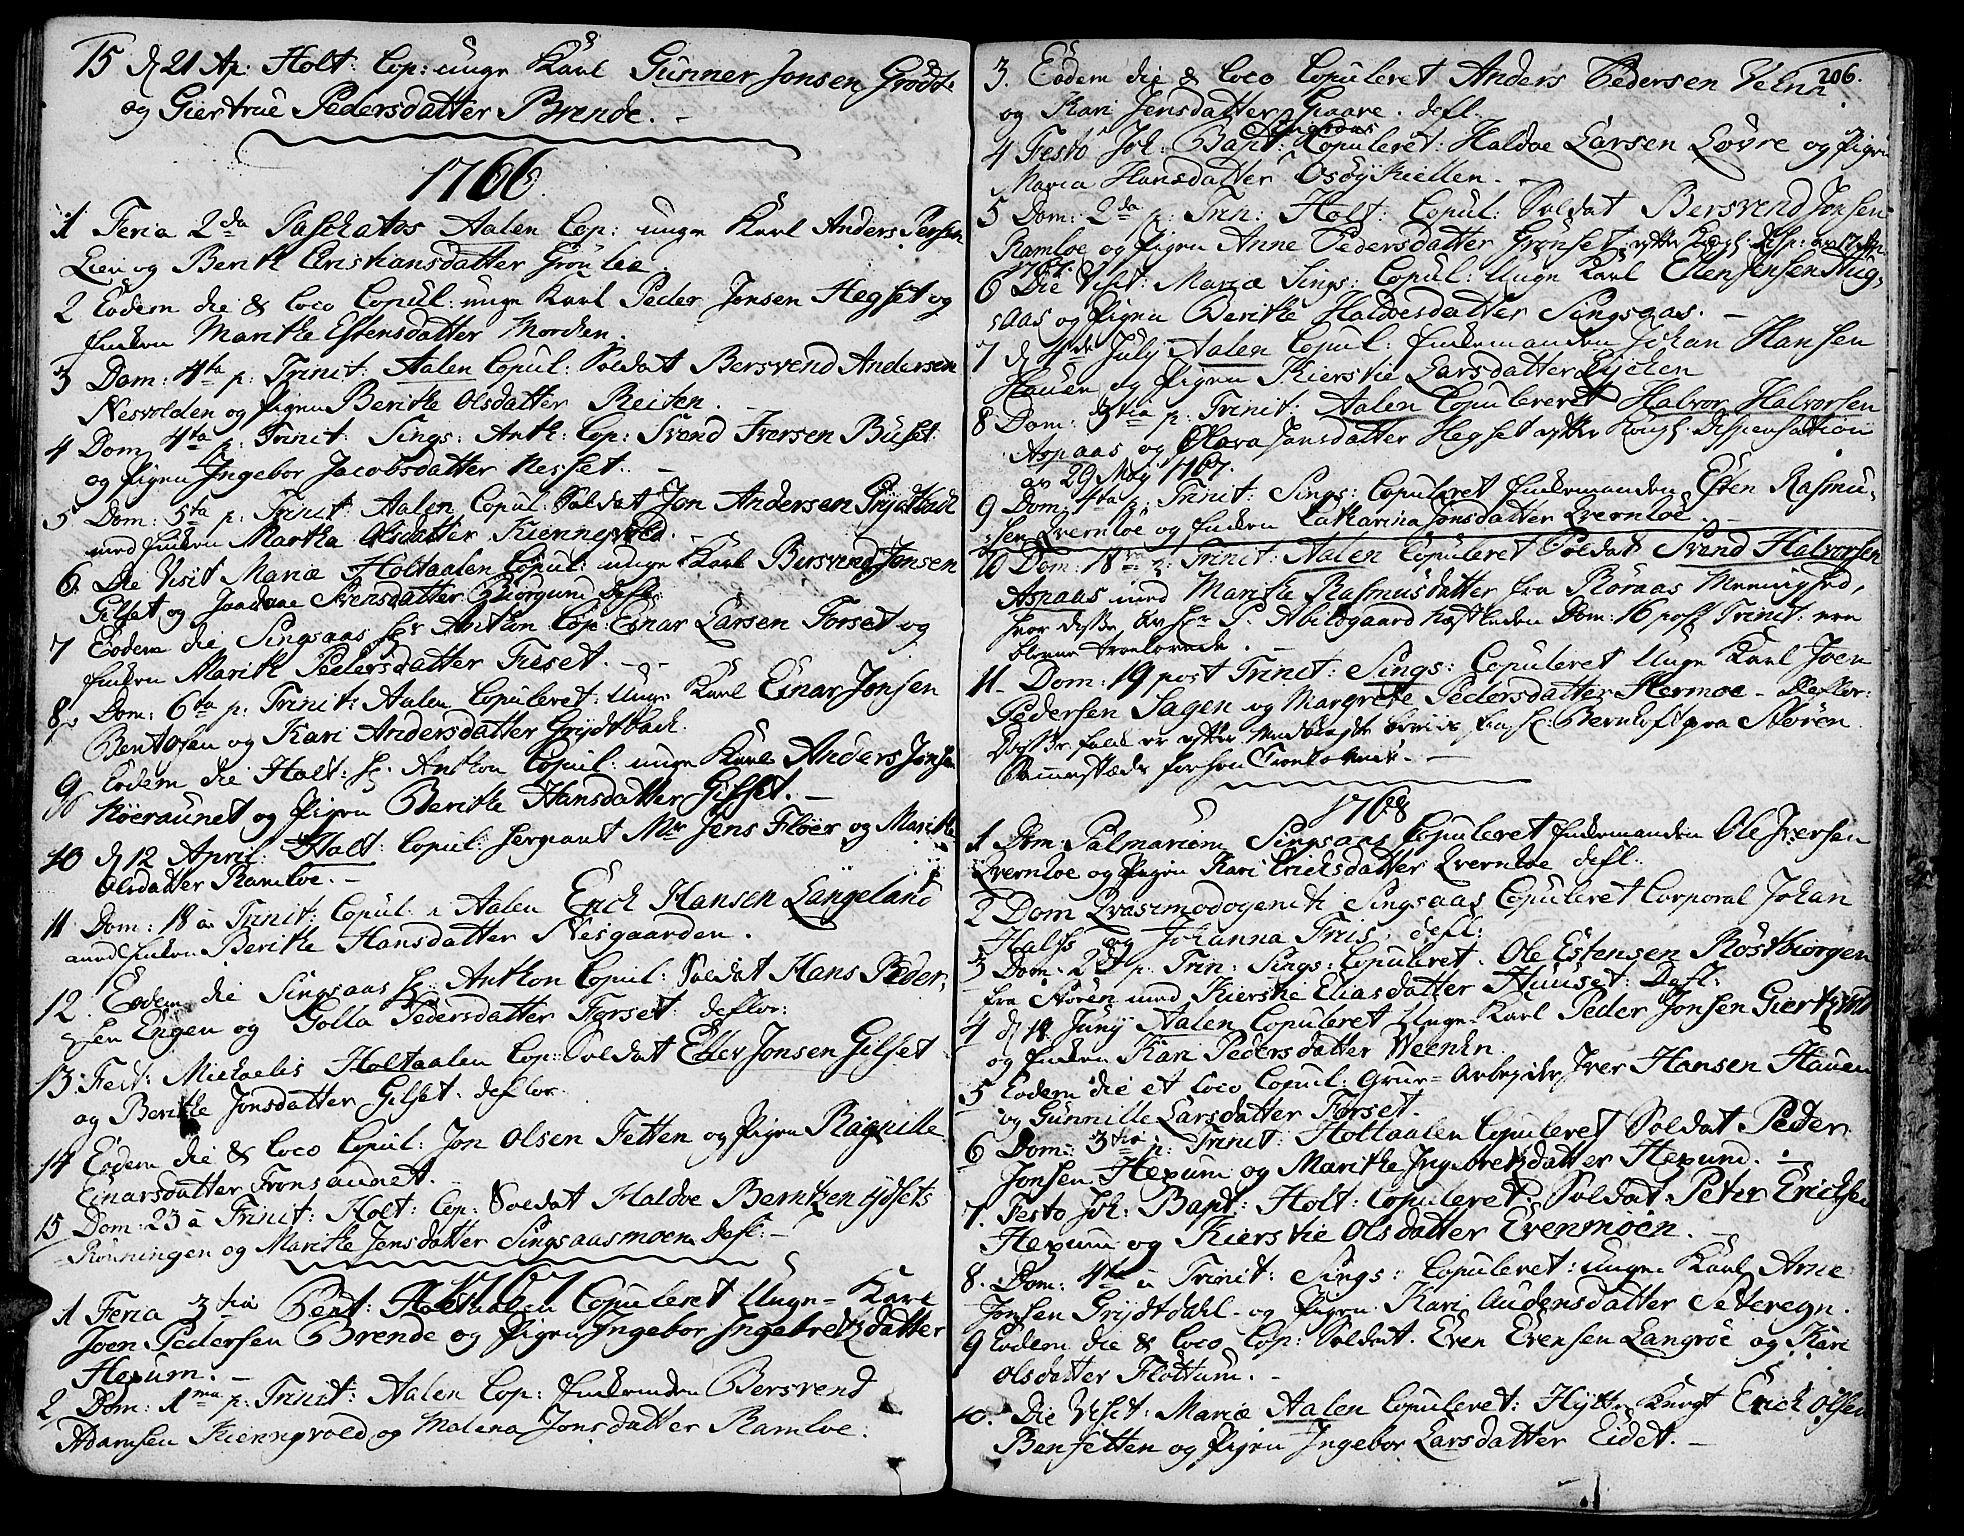 SAT, Ministerialprotokoller, klokkerbøker og fødselsregistre - Sør-Trøndelag, 685/L0952: Ministerialbok nr. 685A01, 1745-1804, s. 206